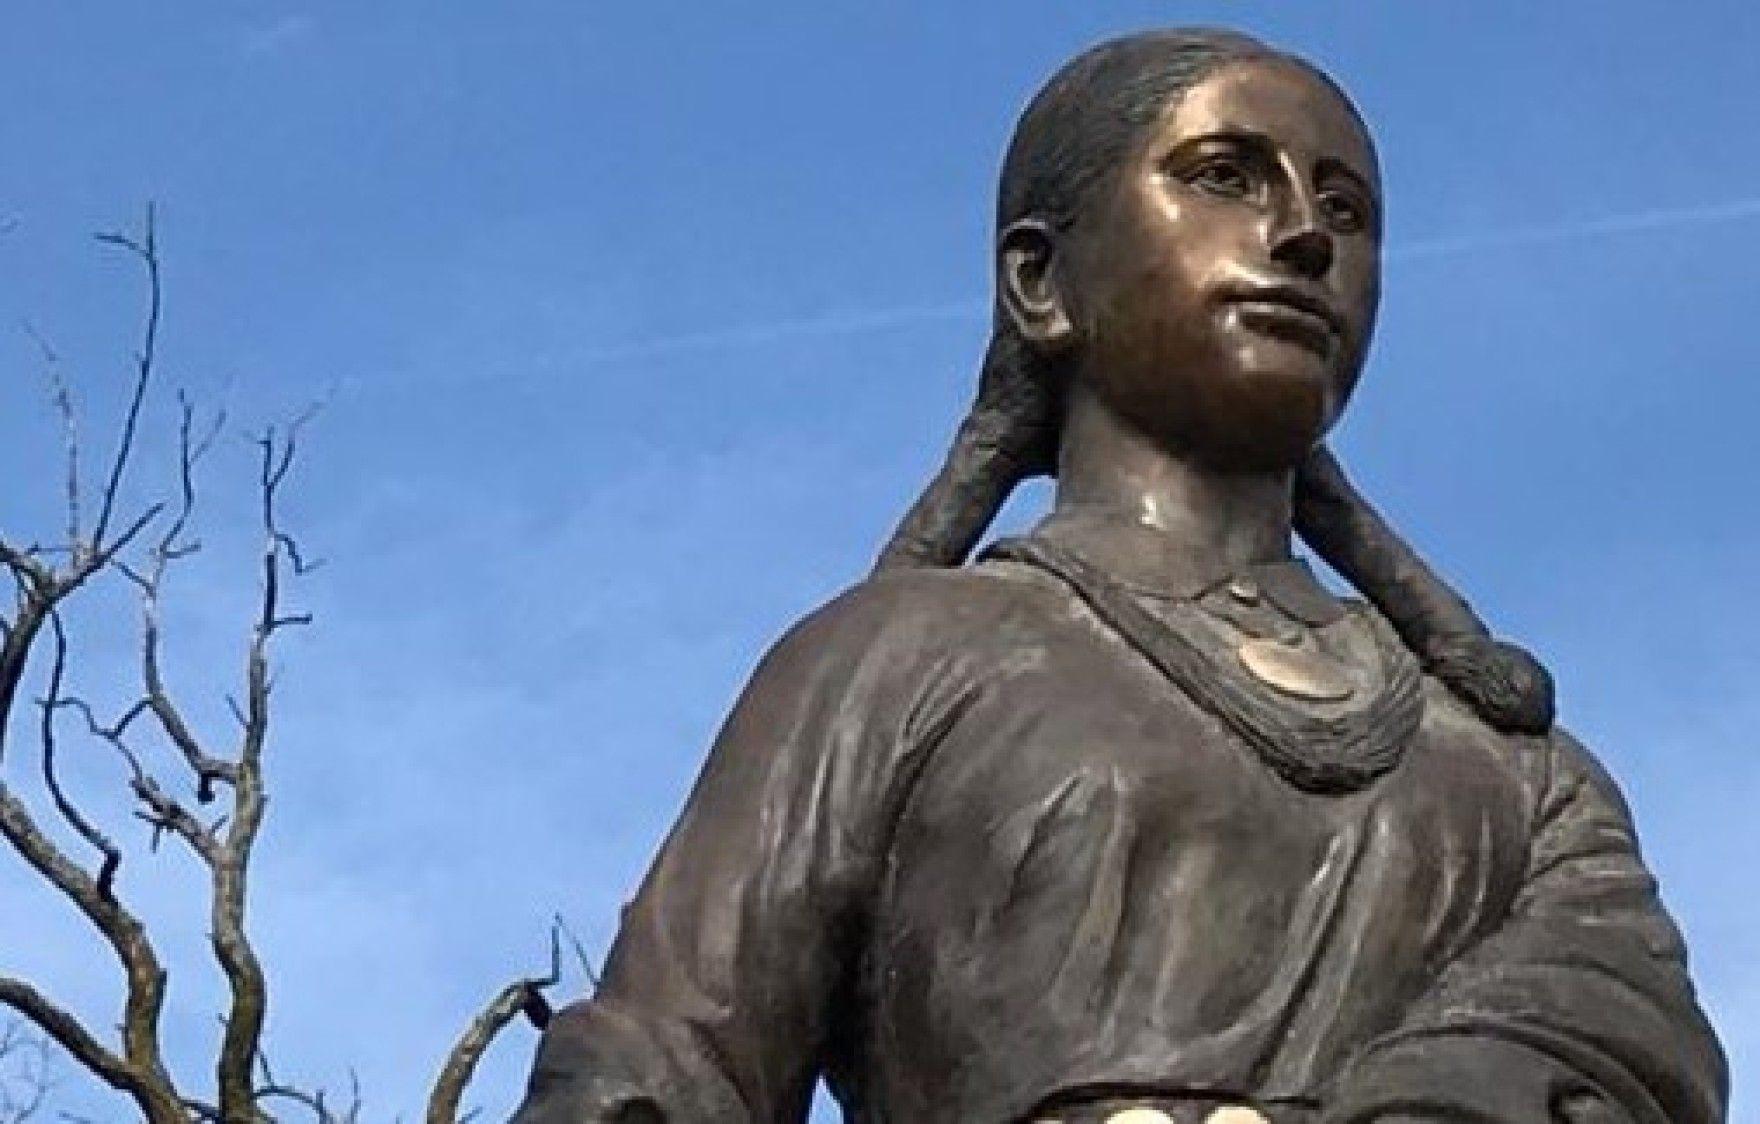 ناپدید شدن مجسمه برنزی 2متری در کانزاس سیتی